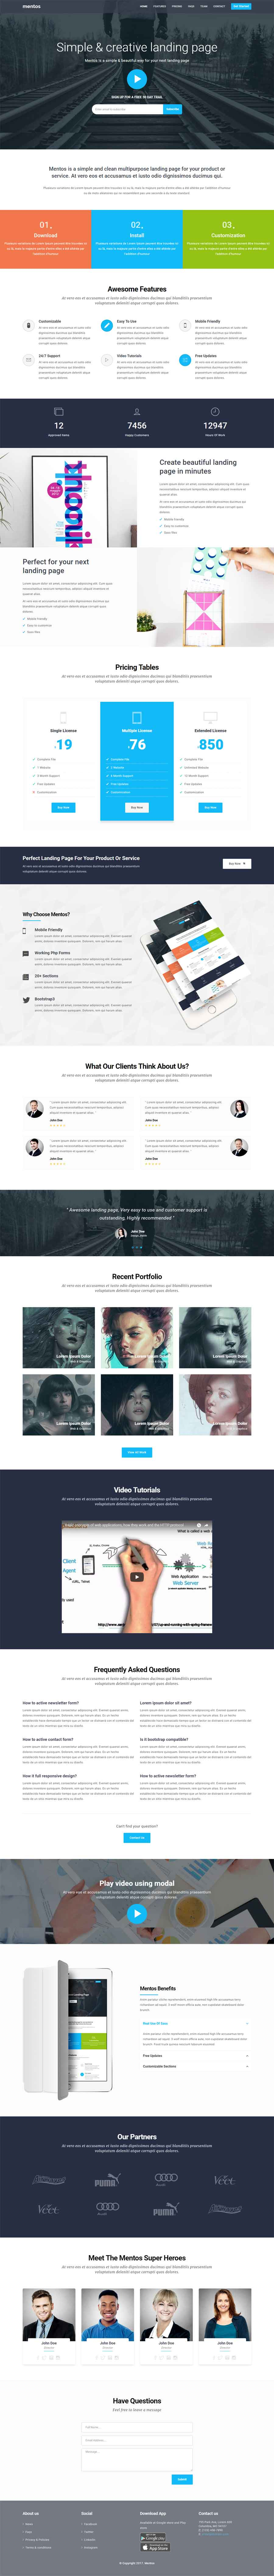 Mentos – Fully Responsive Multipurpose Landing Page